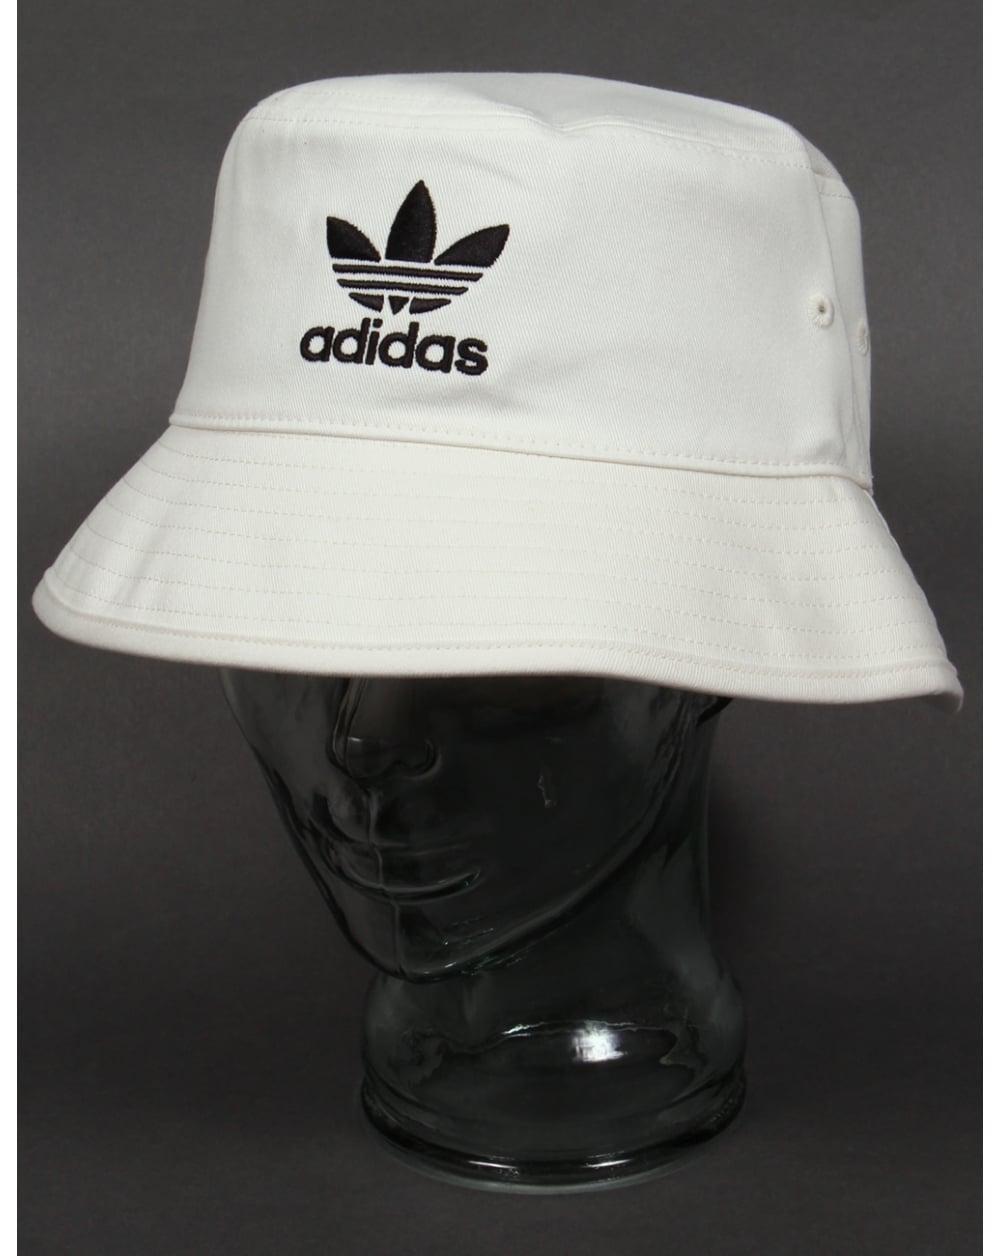 92335524 Adidas Originals Bucket Hat With Trefoil White/black